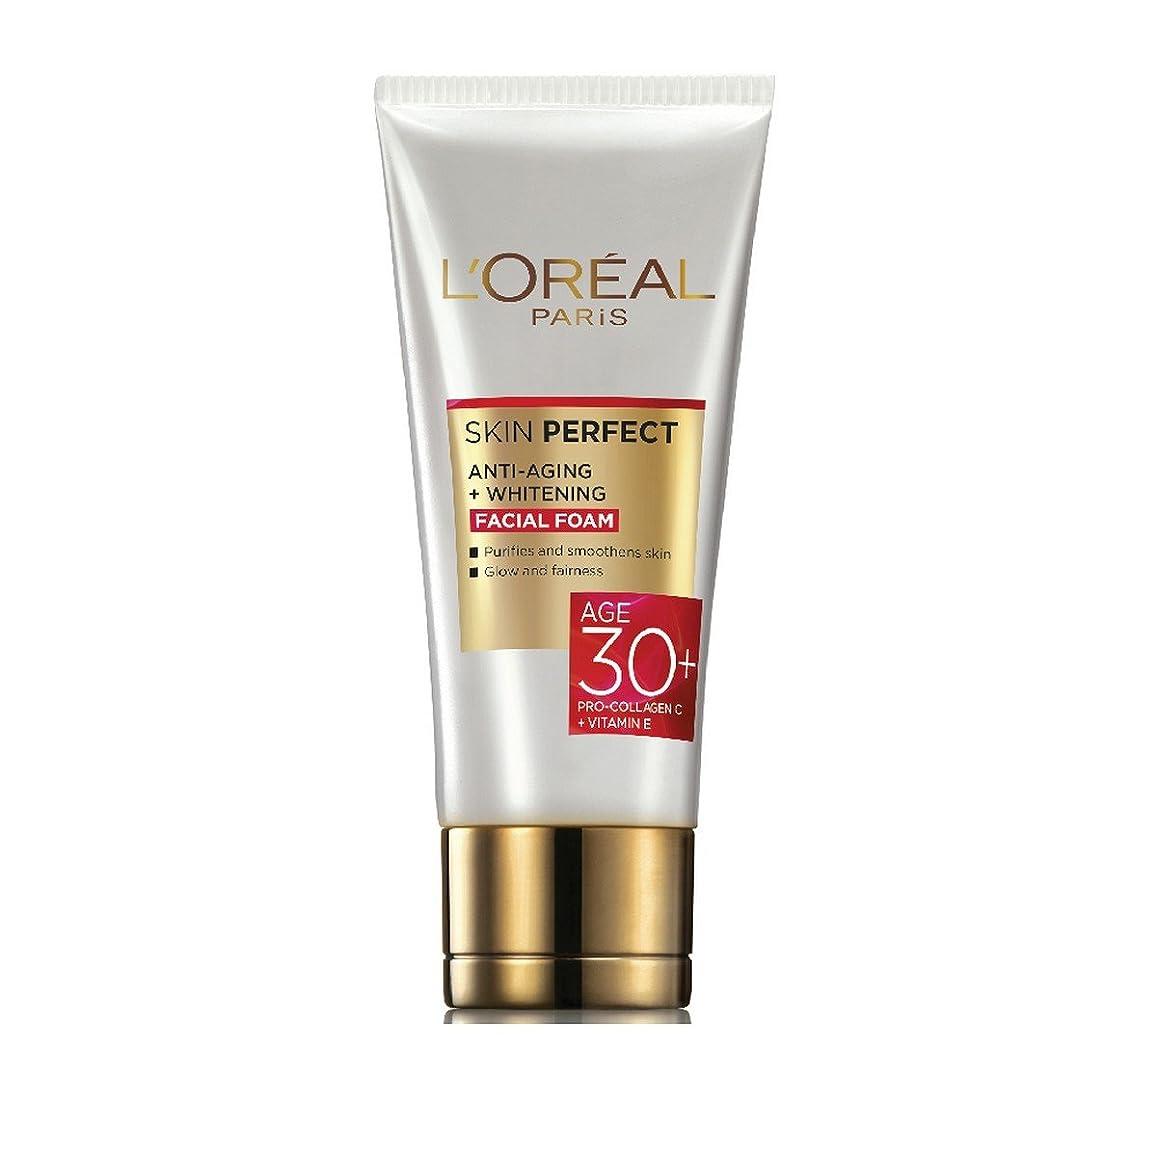 赤字悔い改め期限切れL'Oreal Paris Skin Perfect 30+ Facial Foam, 50g